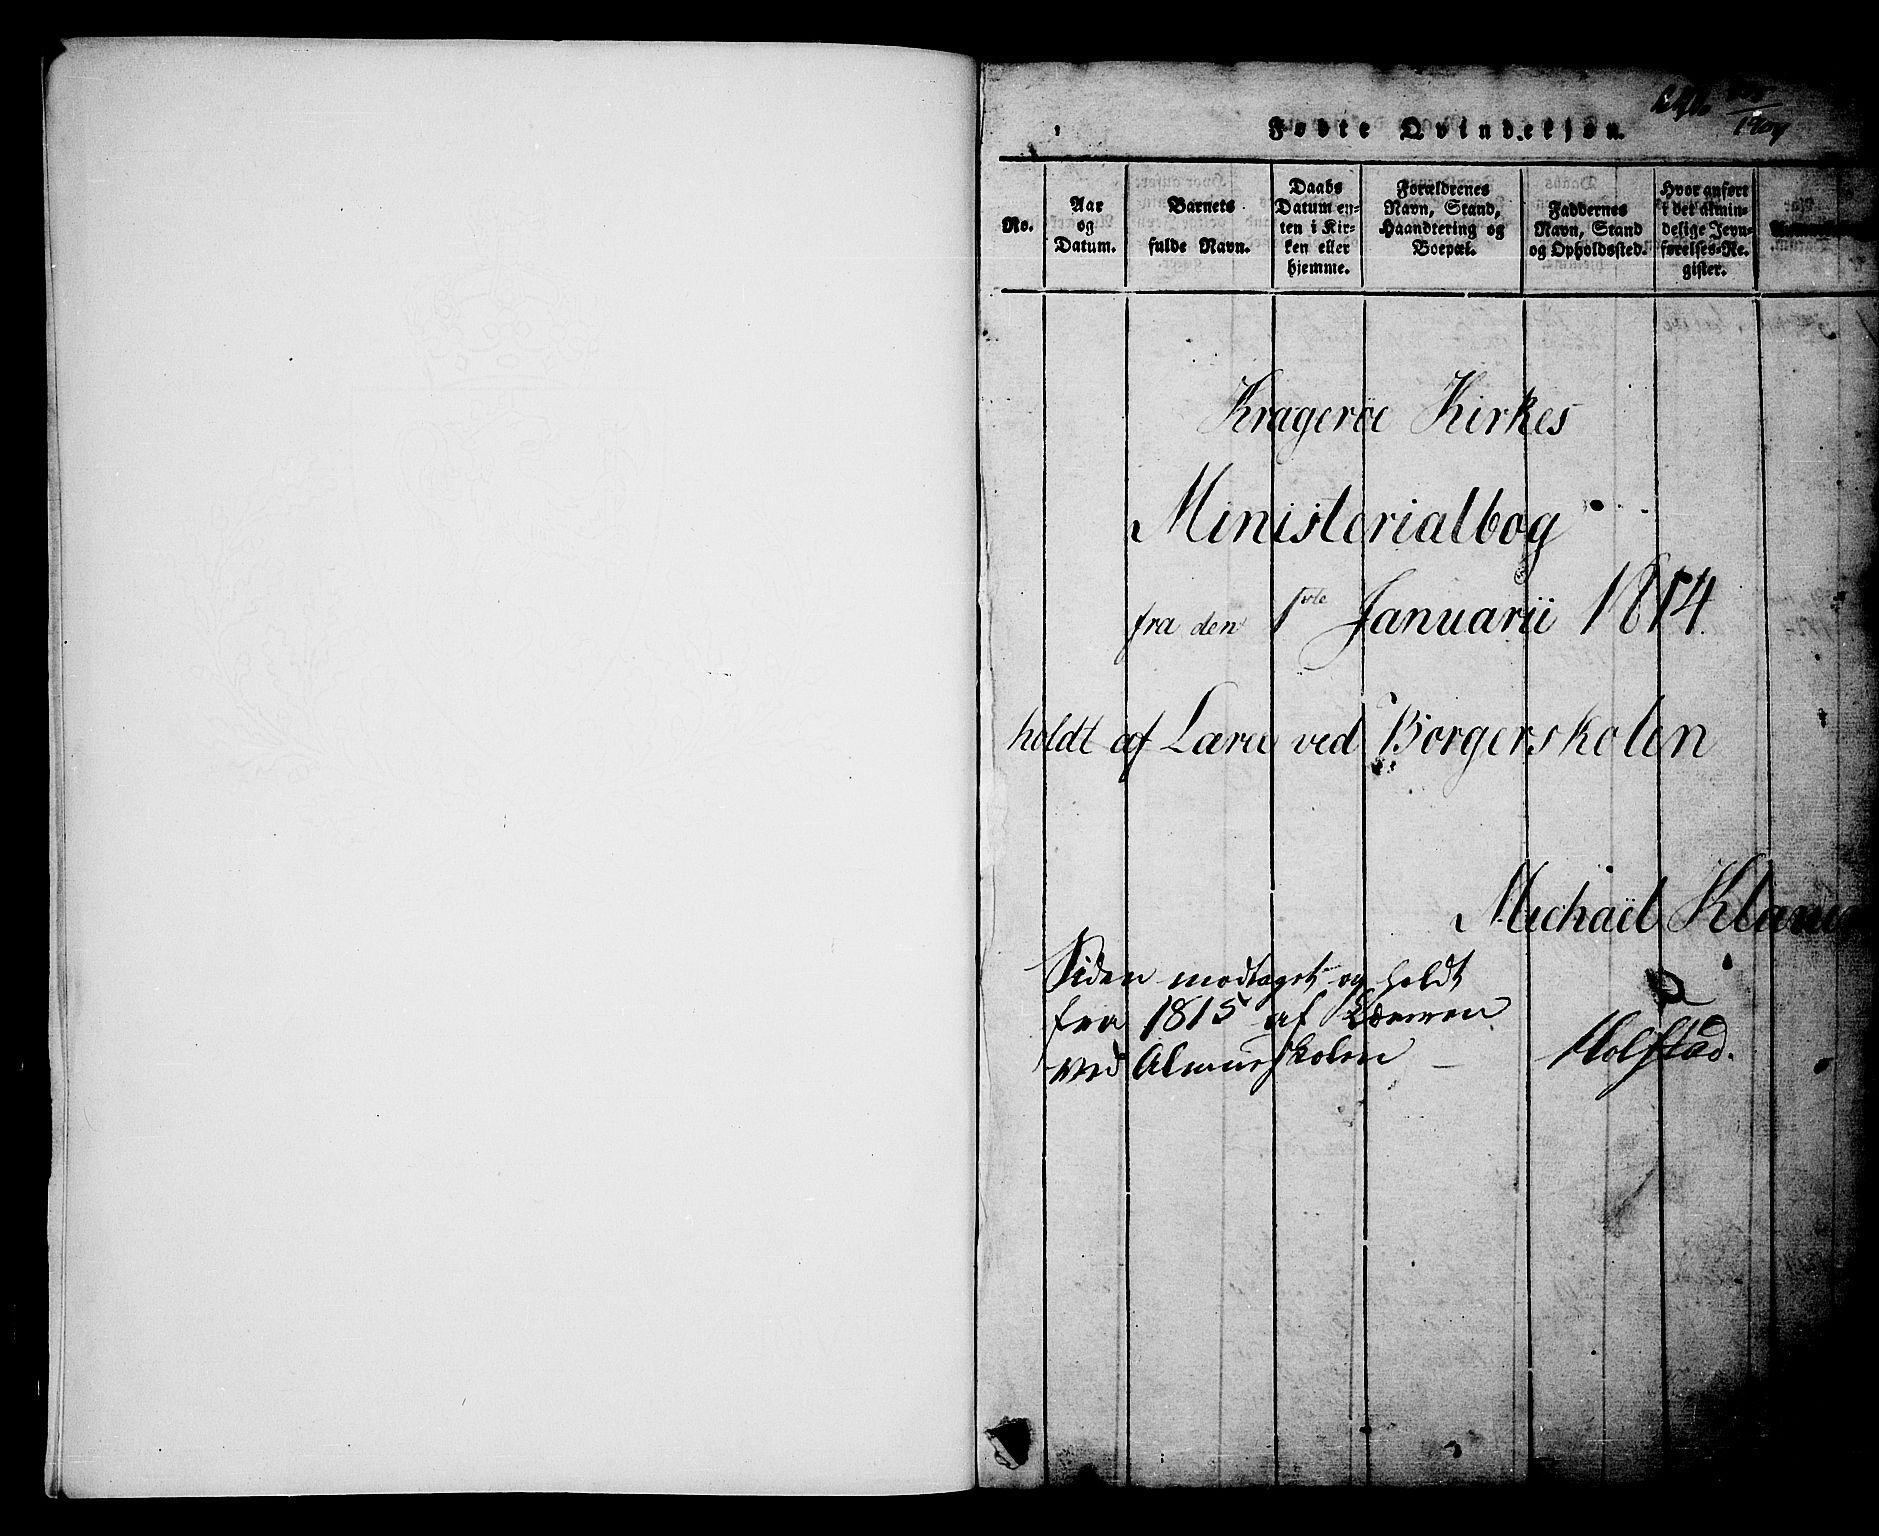 SAKO, Kragerø kirkebøker, G/Ga/L0002: Klokkerbok nr. 2, 1814-1831, s. 1